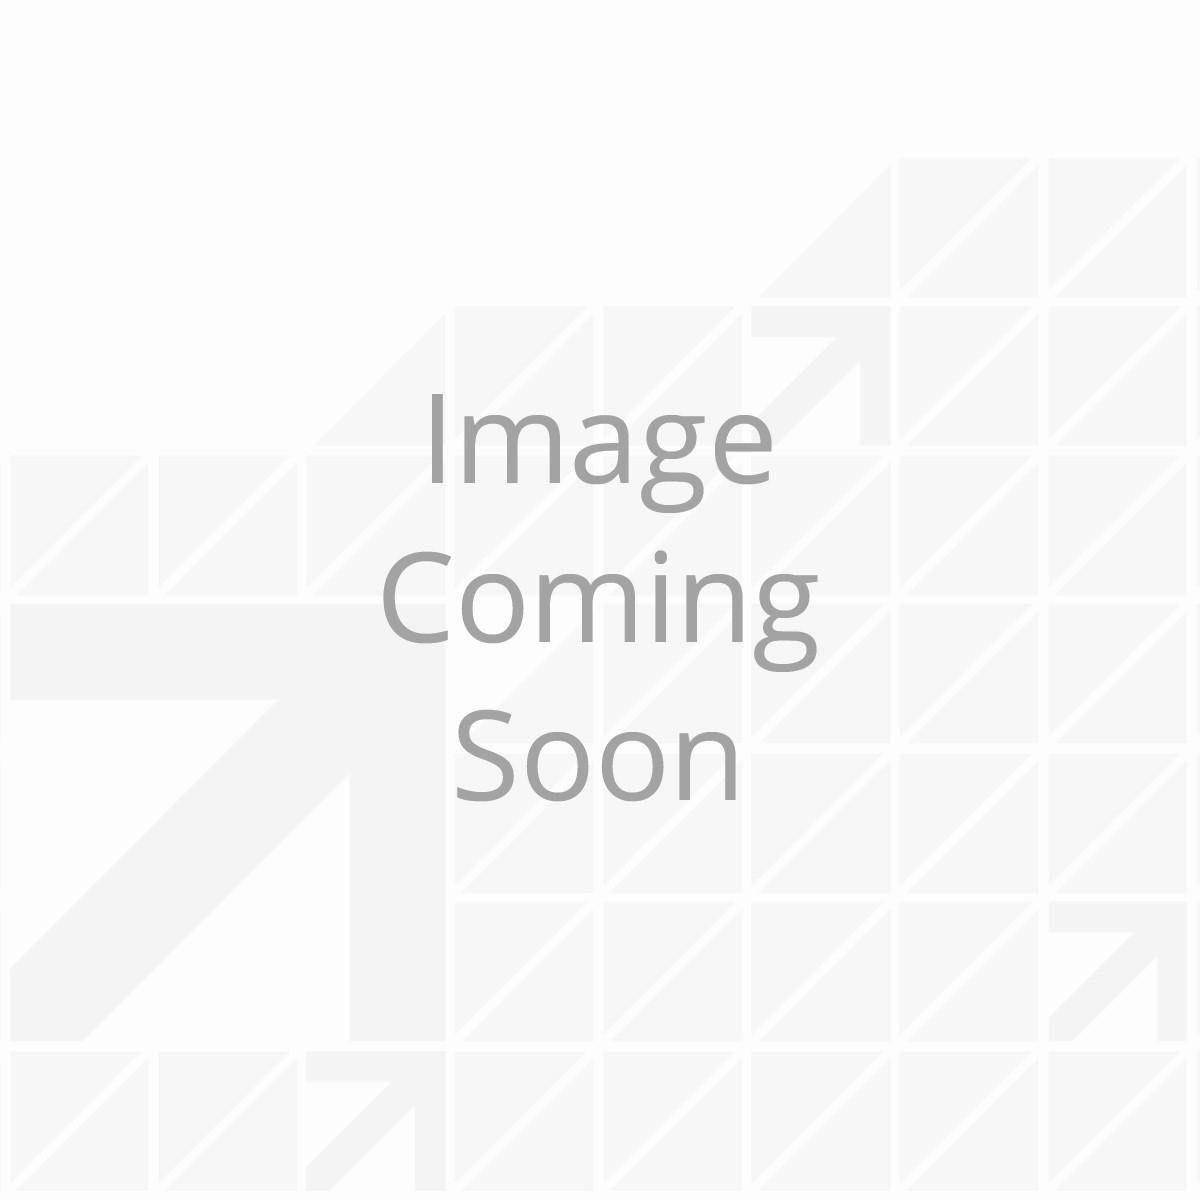 119226_profile